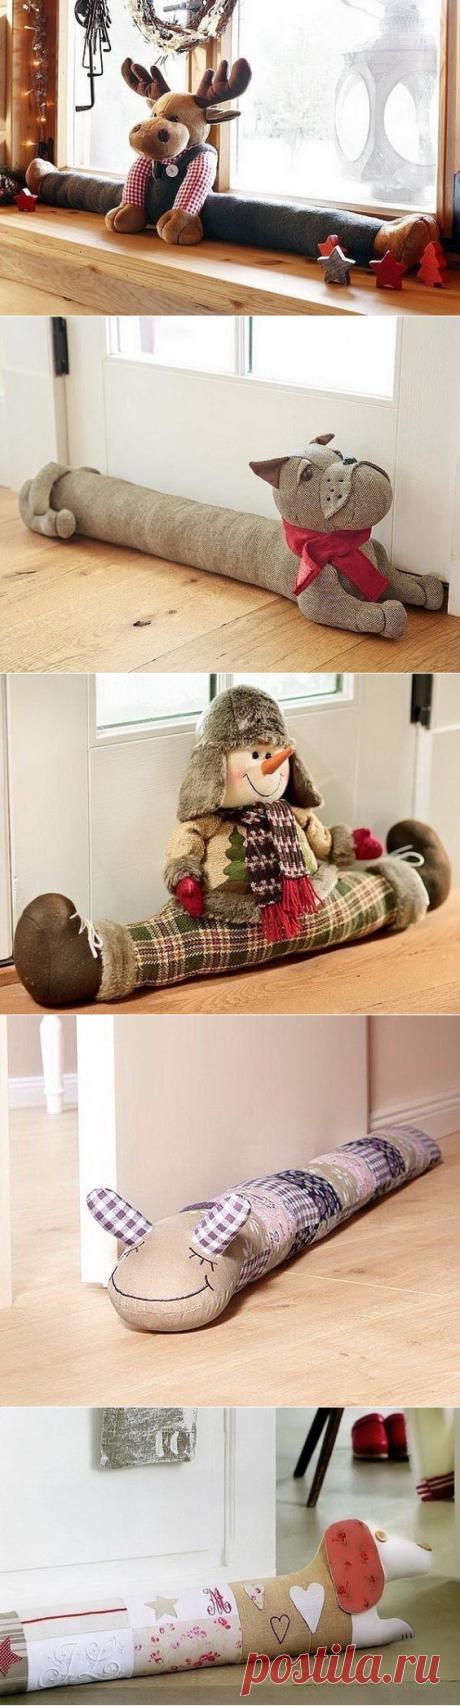 Забавные игрушки - защита от сквозняков. Очень интересная идея!